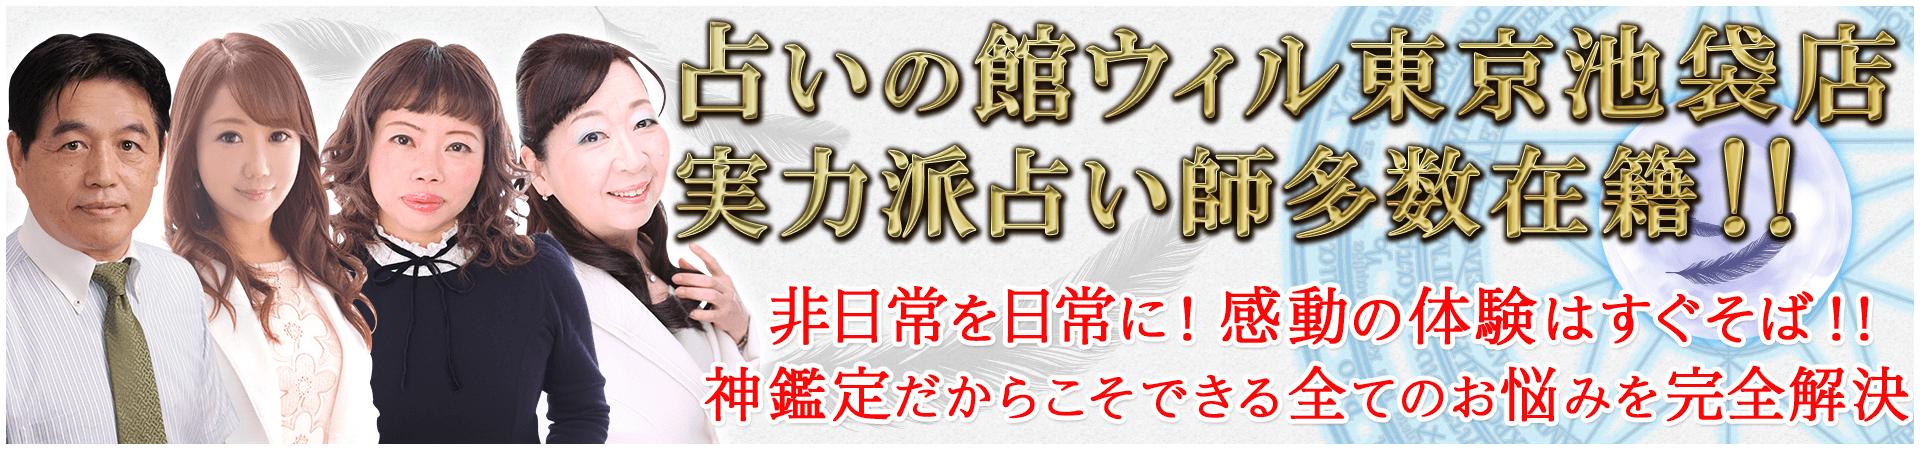 占いの館ウィル 東京池袋店のバナー